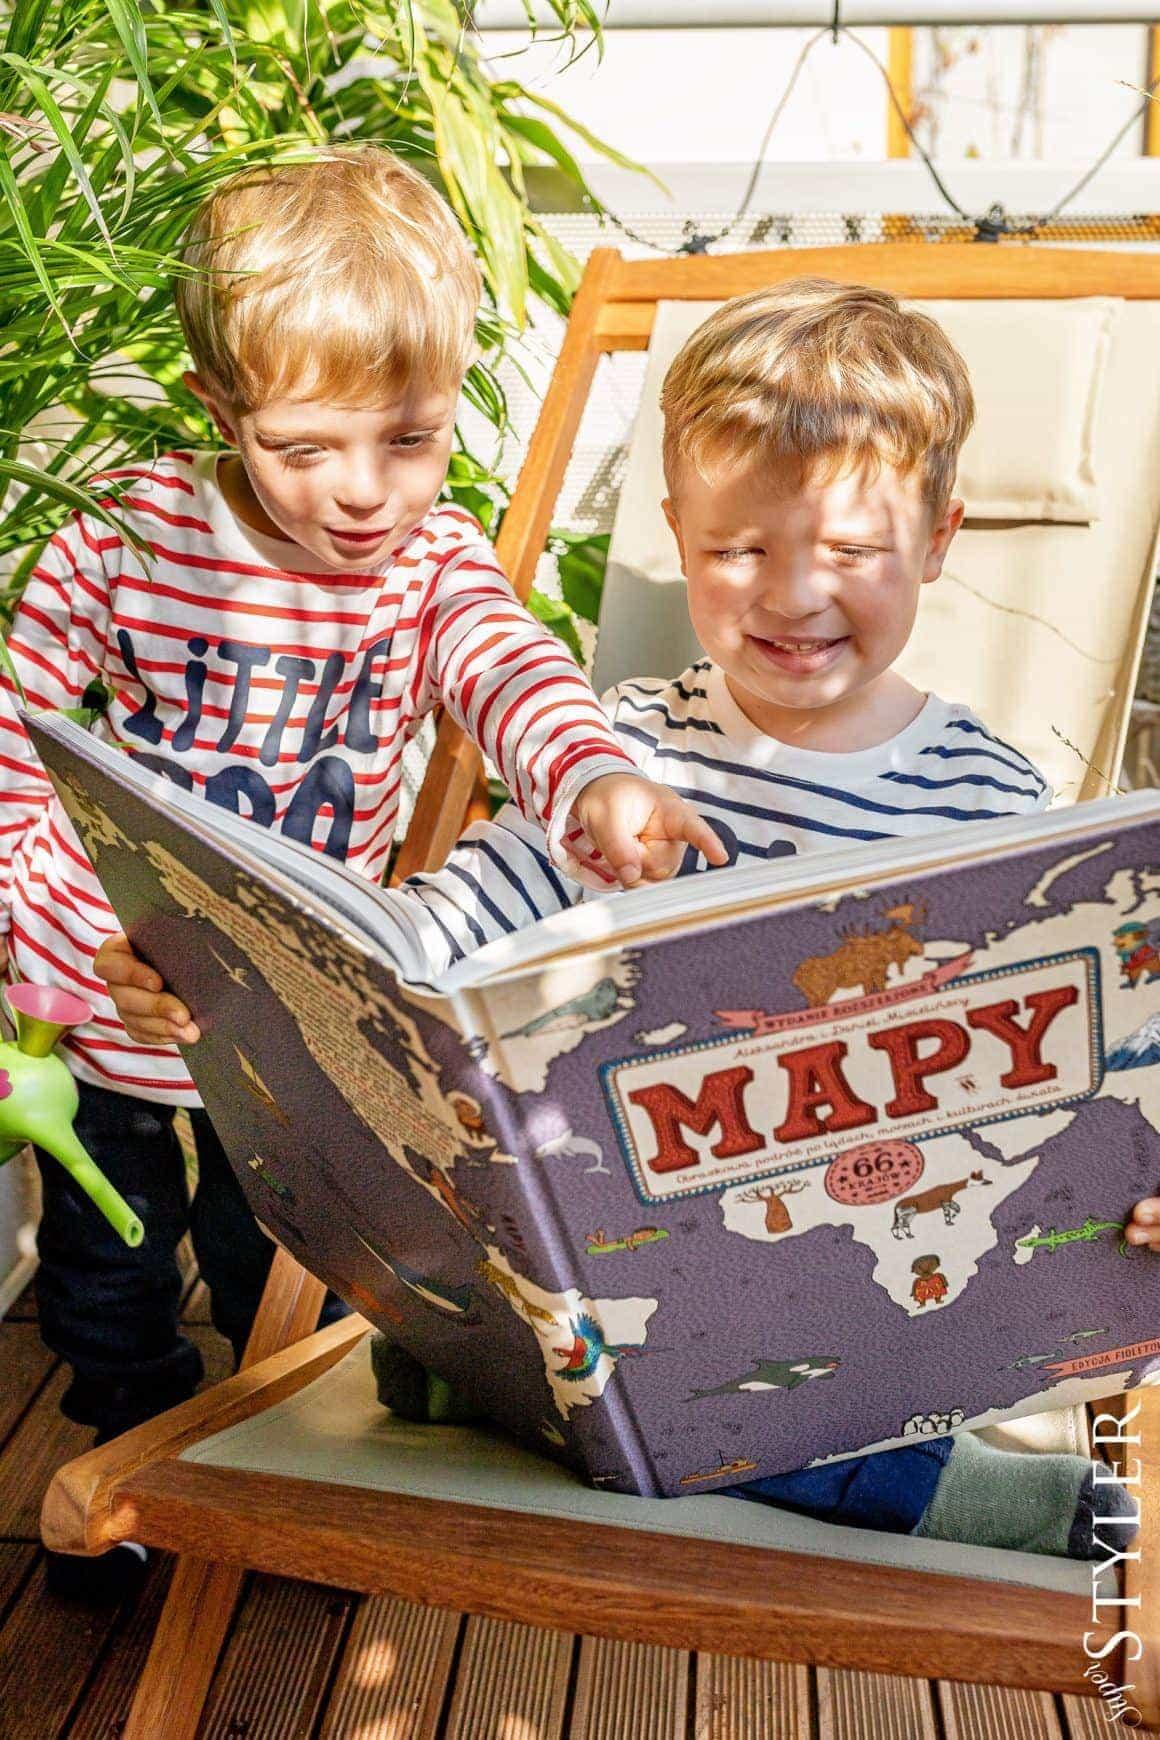 książka mapy superstyler